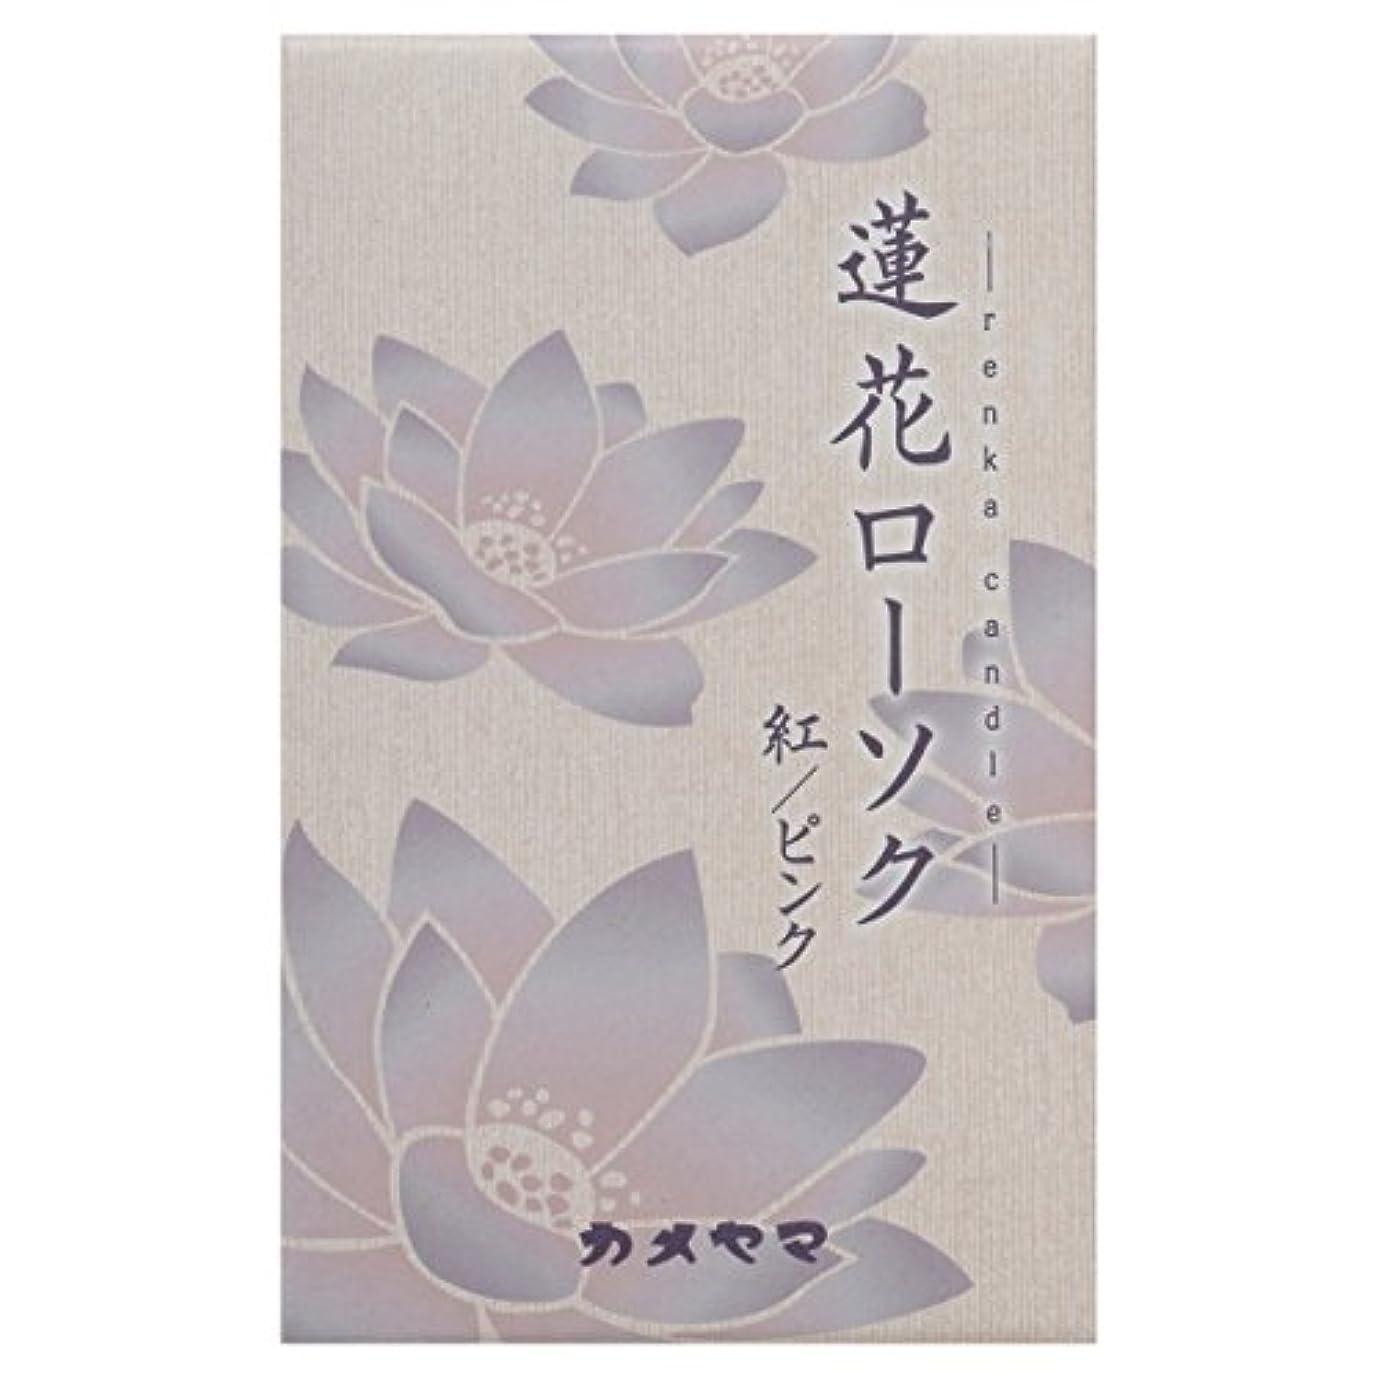 コンドームコカイン治安判事カメヤマ 5インチ蓮花 紅、ピンク